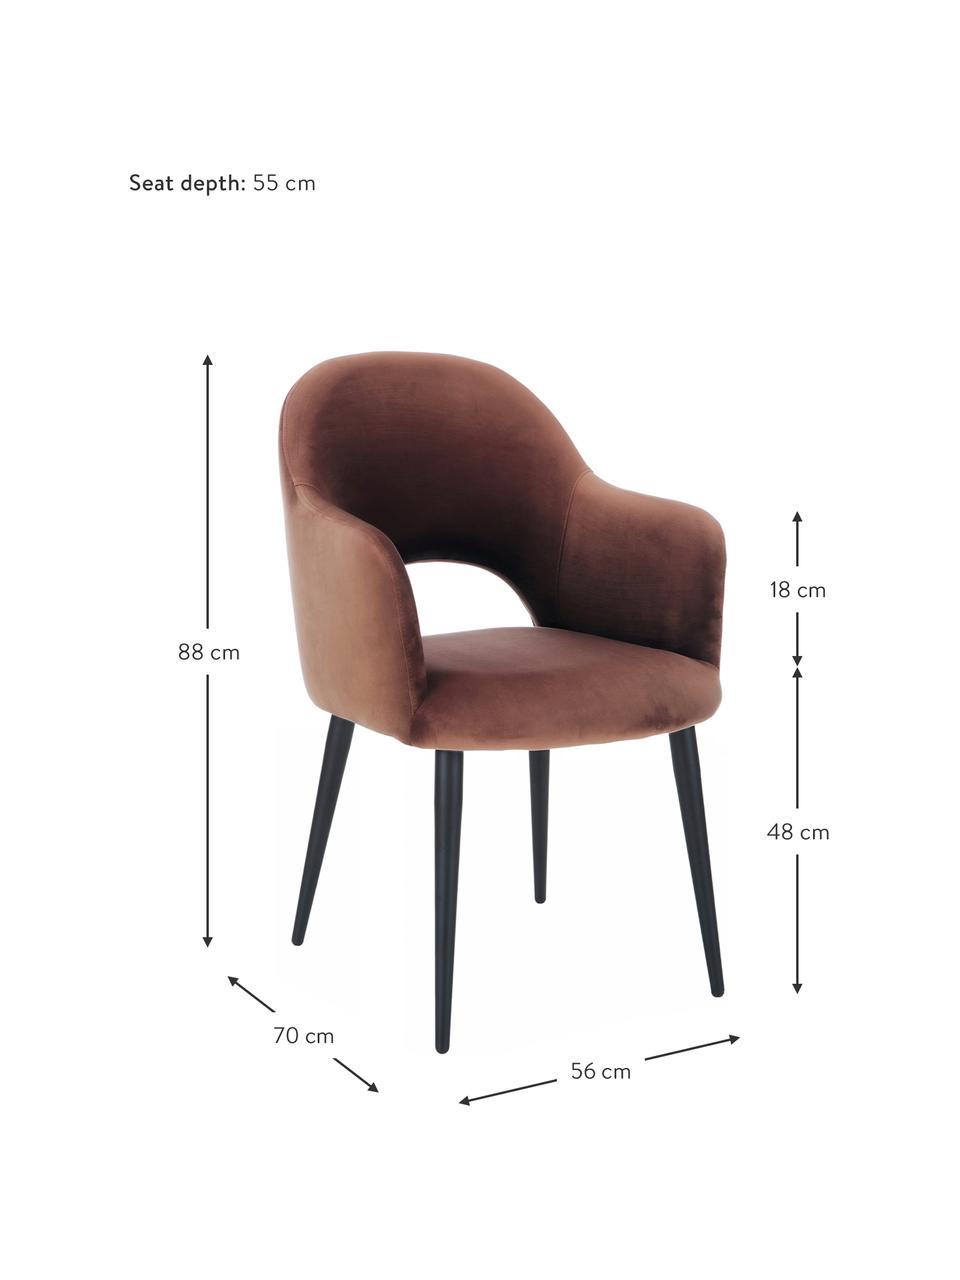 Sedia con braccioli in velluto marrone Rachel, Rivestimento: velluto (rivestimento in , Gambe: metallo verniciato a polv, Velluto marrone, Larg. 56 x Alt. 70 cm